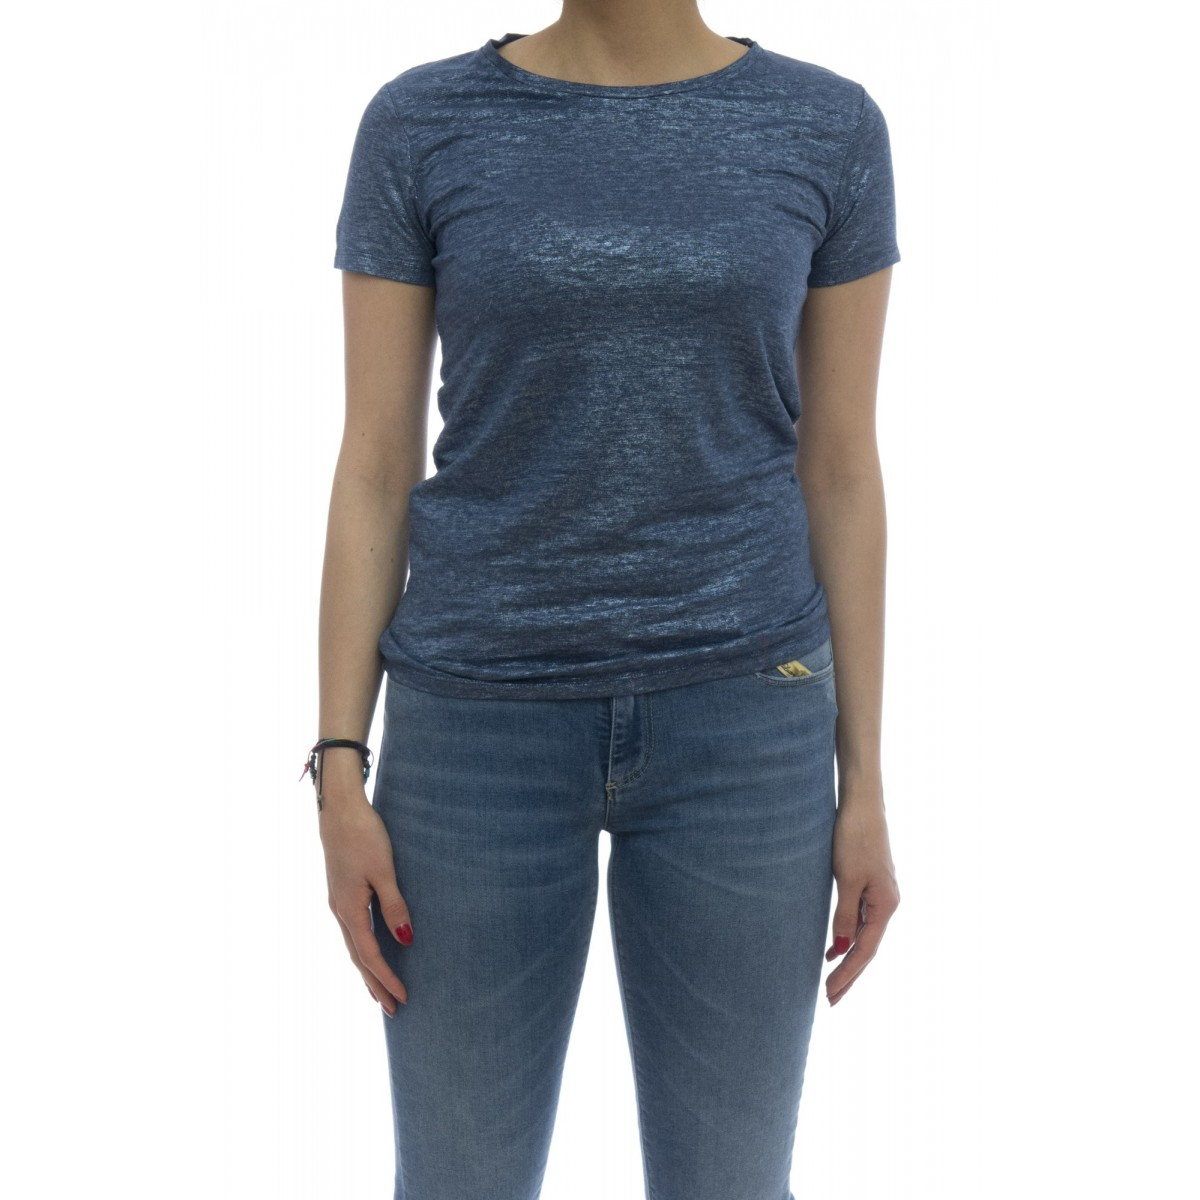 T-shirt - E09 02 t-shirt slim lino splmato